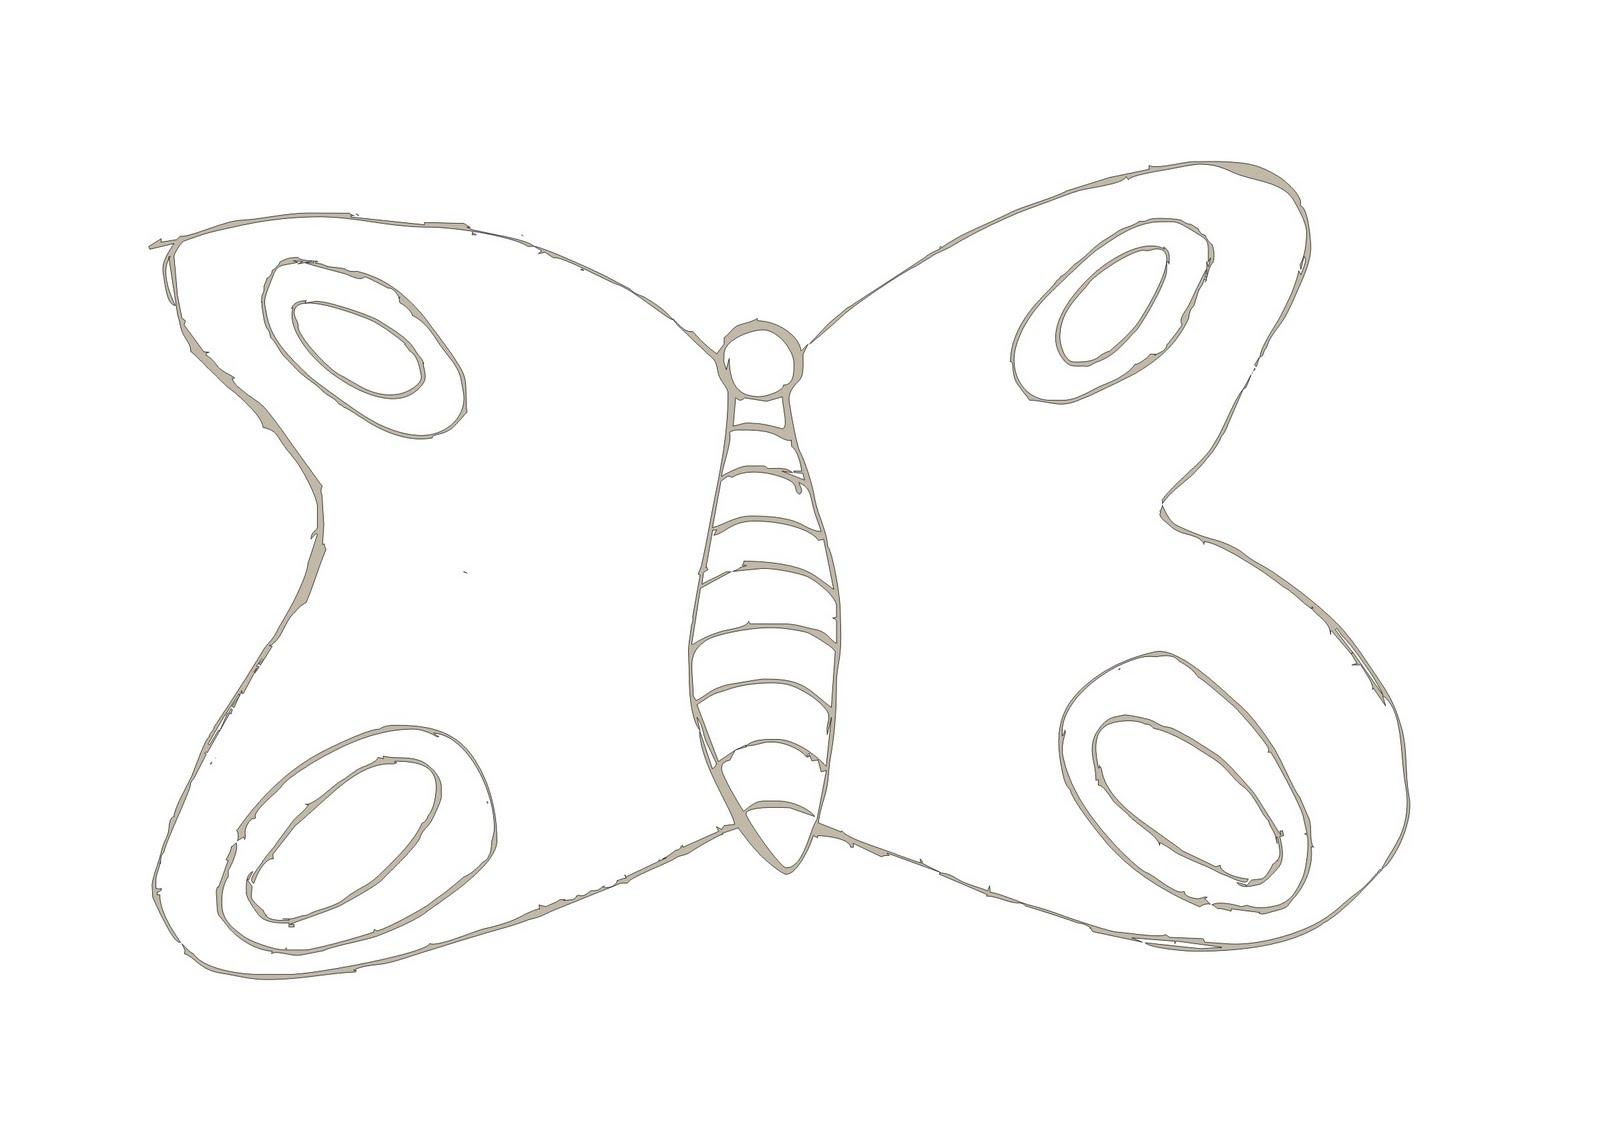 Desenho para colorir de Borboleta.Aqui você encontra esse e outros